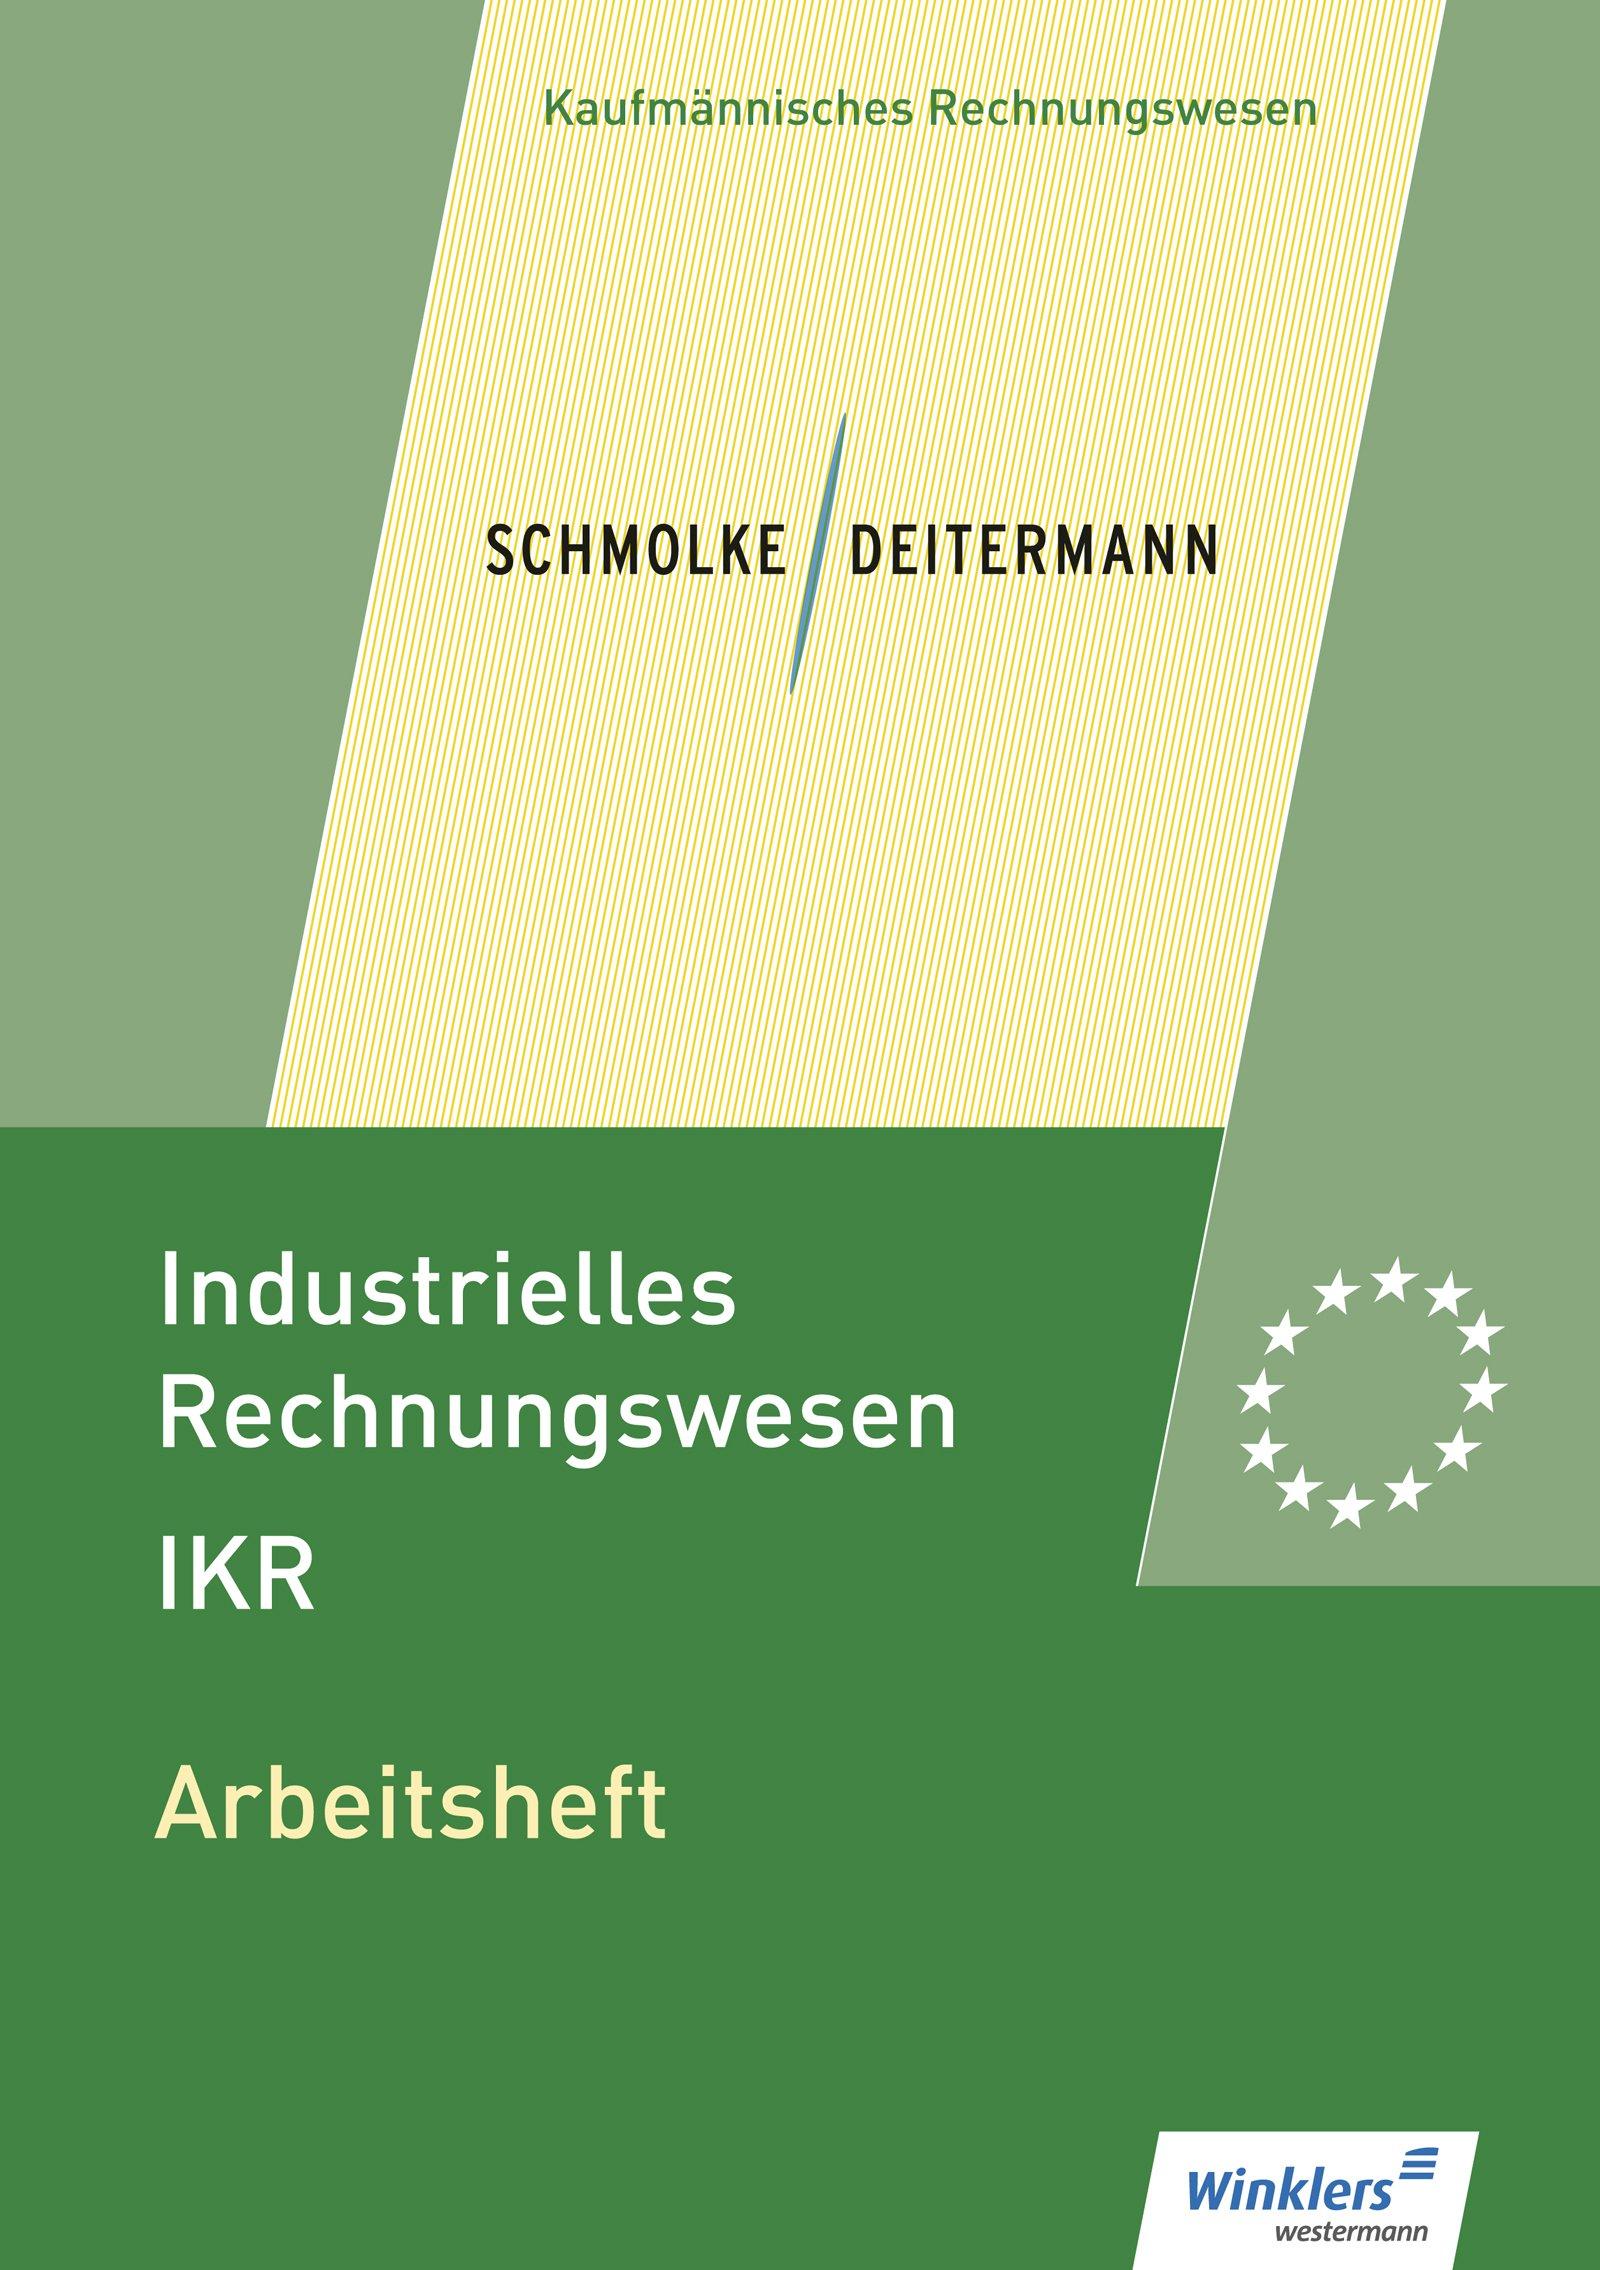 Industrielles Rechnungswesen - IKR: Arbeitsheft Taschenbuch – 1. April 2017 Manfred Deitermann Wolf-Dieter Rückwart Siegfried Schmolke Susanne Stobbe